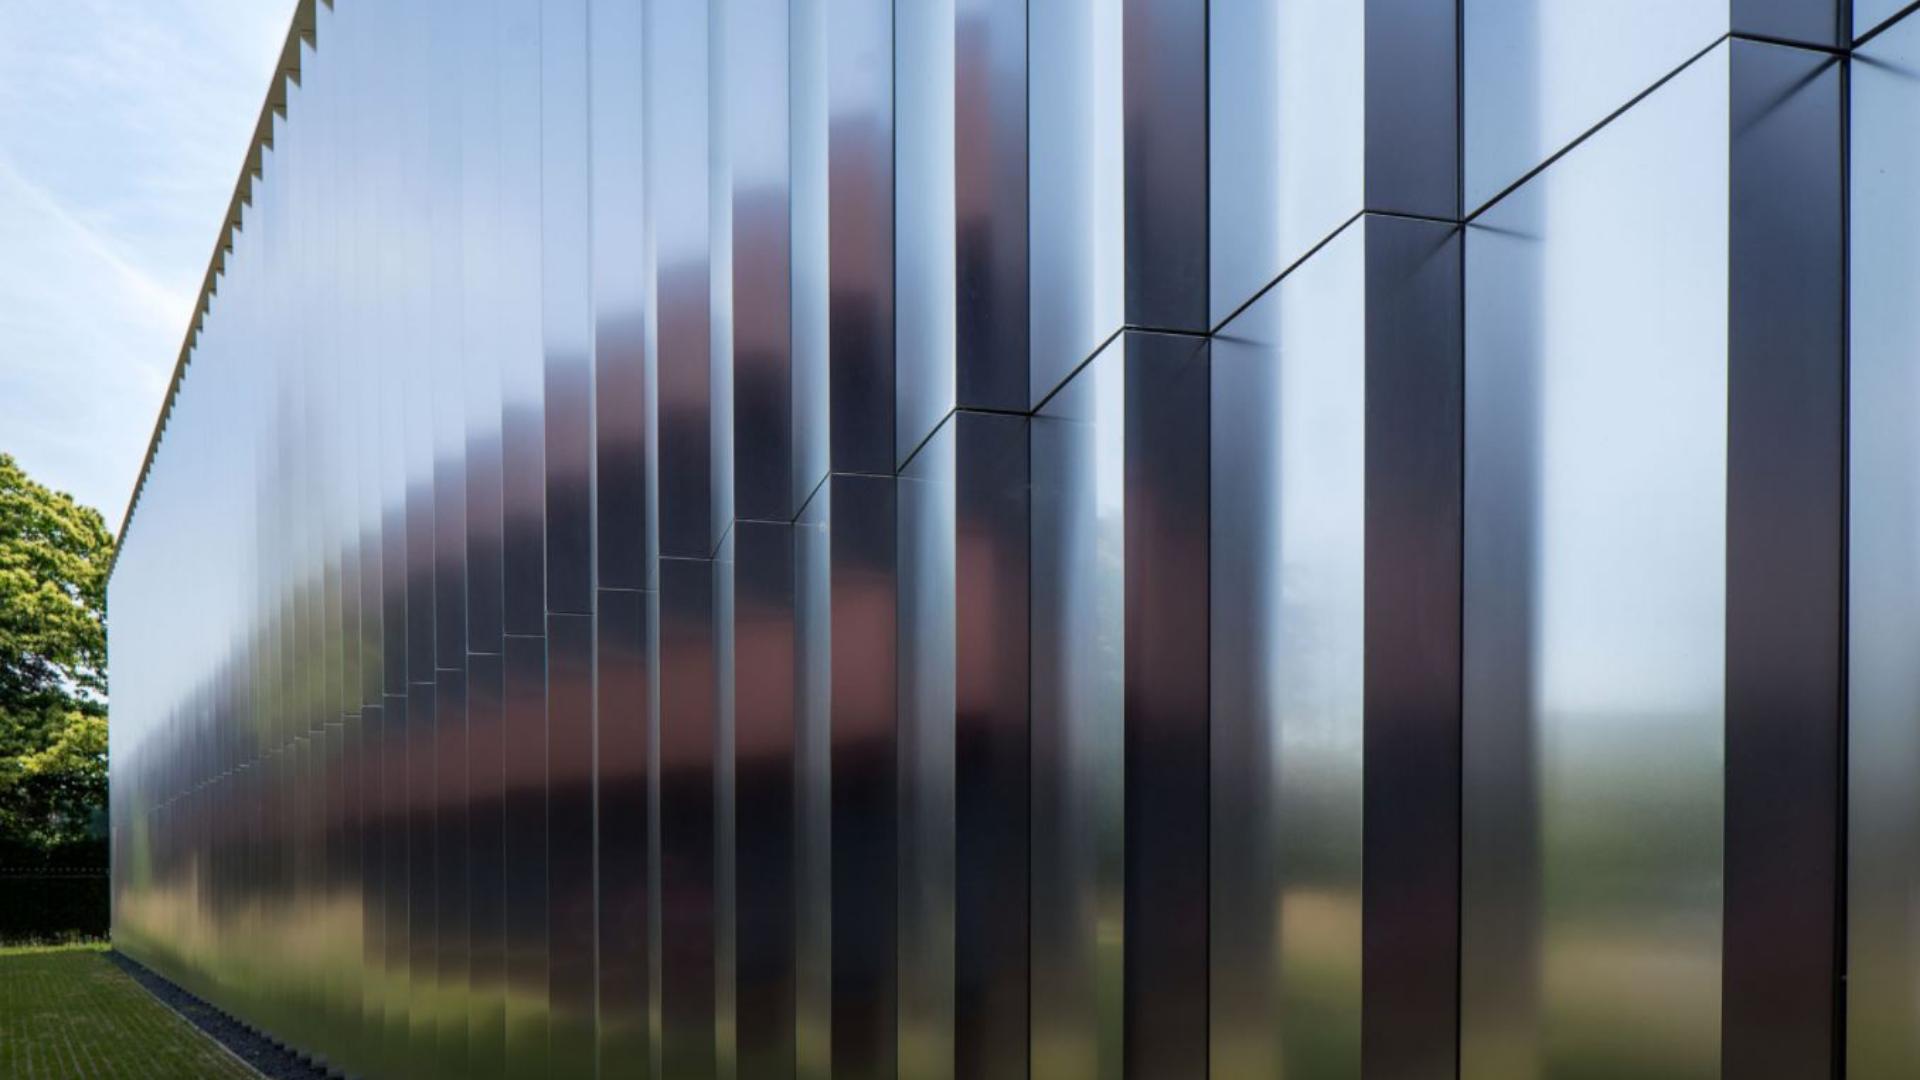 larson-mirror-panel-composite-aluminium-allpro